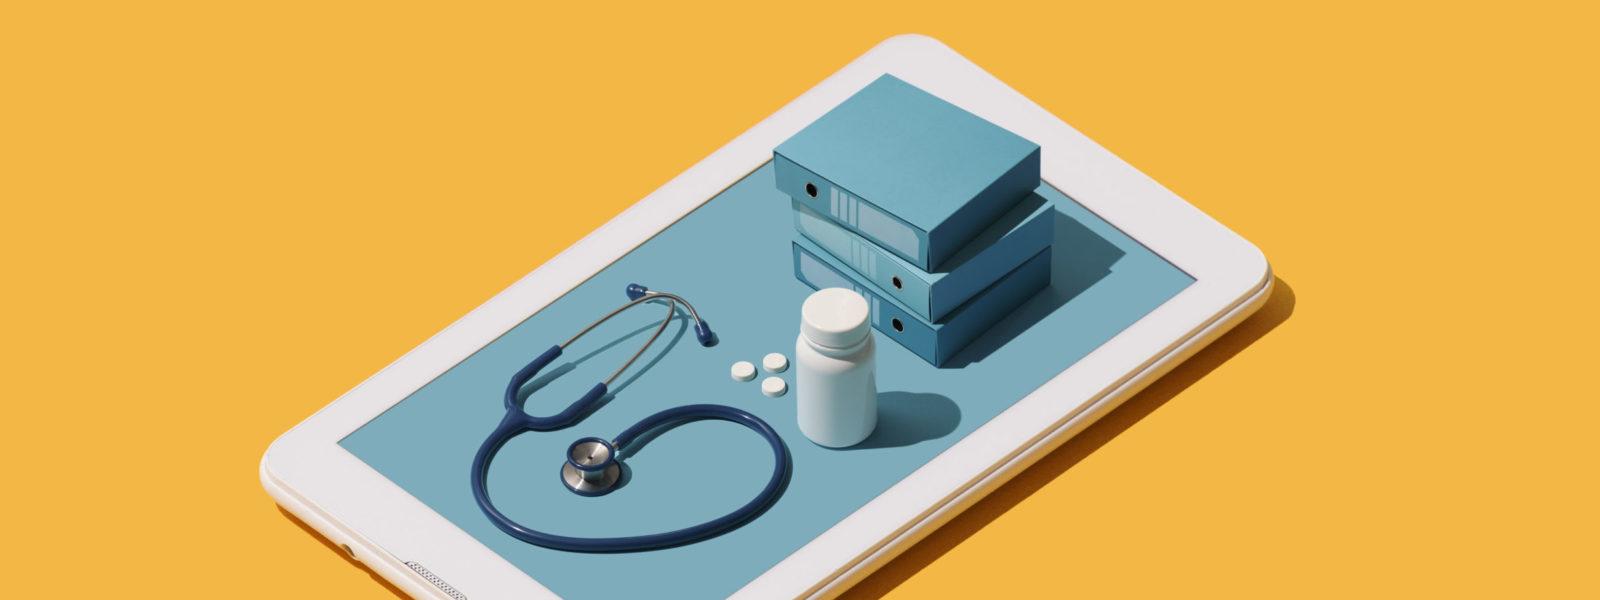 Online medical app on a smartphone